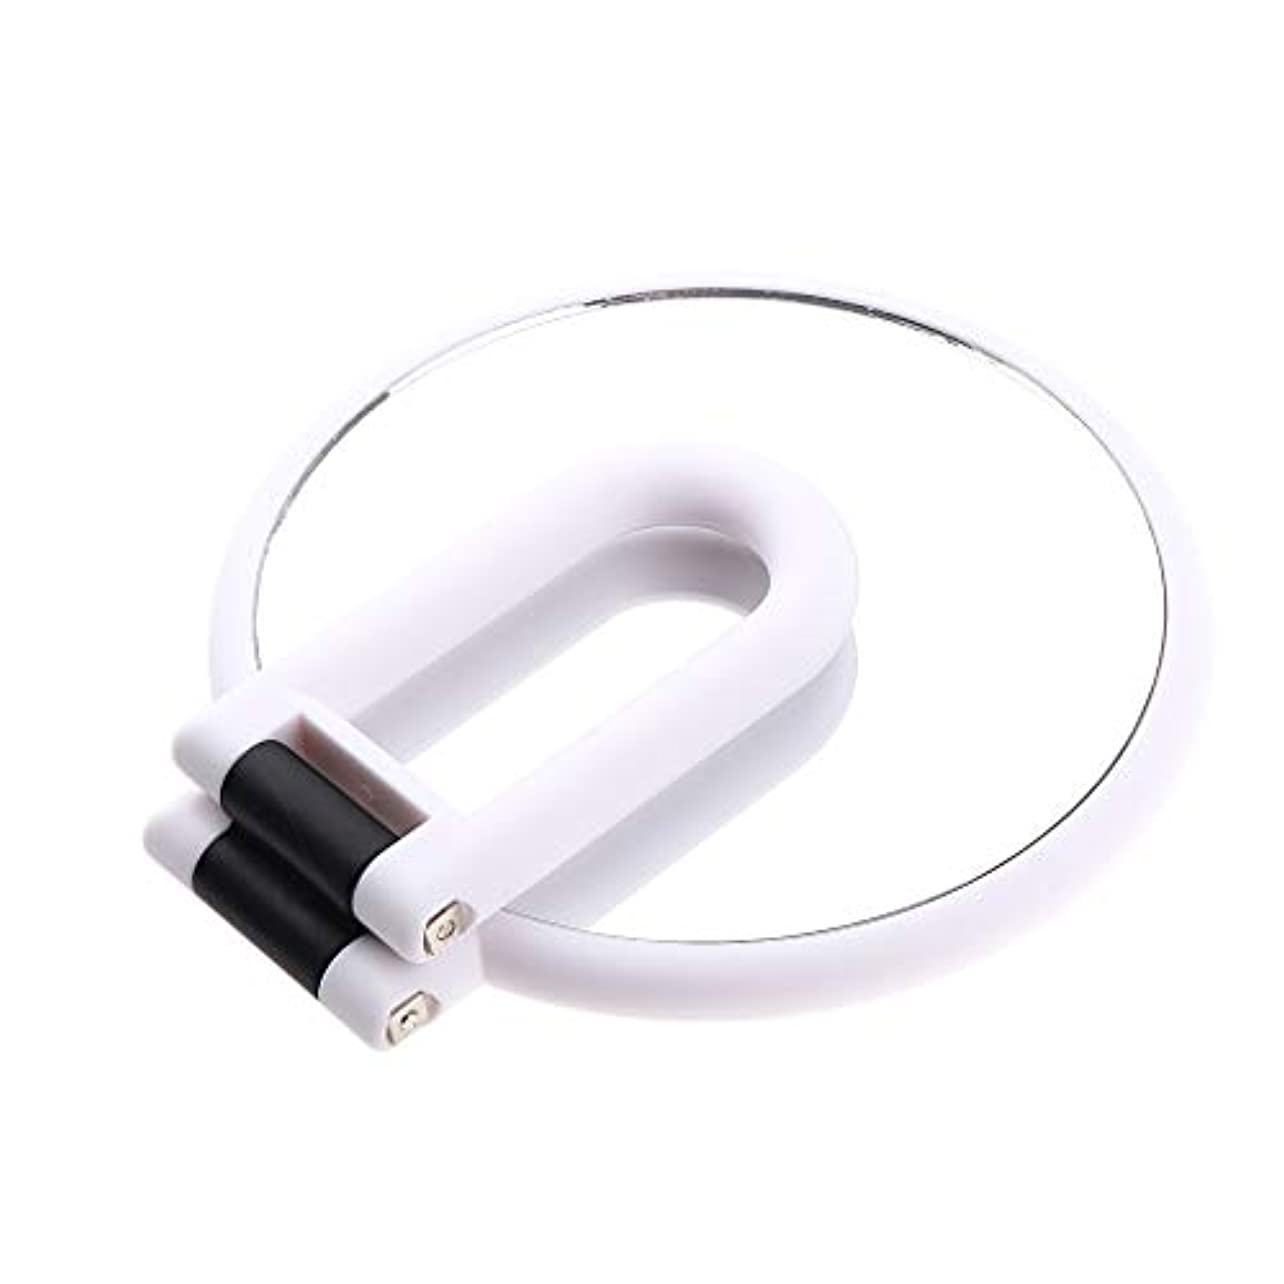 舌な大気バケット化粧鏡 ラウンド ハンドヘルド 両面化粧鏡 拡大鏡 5仕様選べ - 5倍